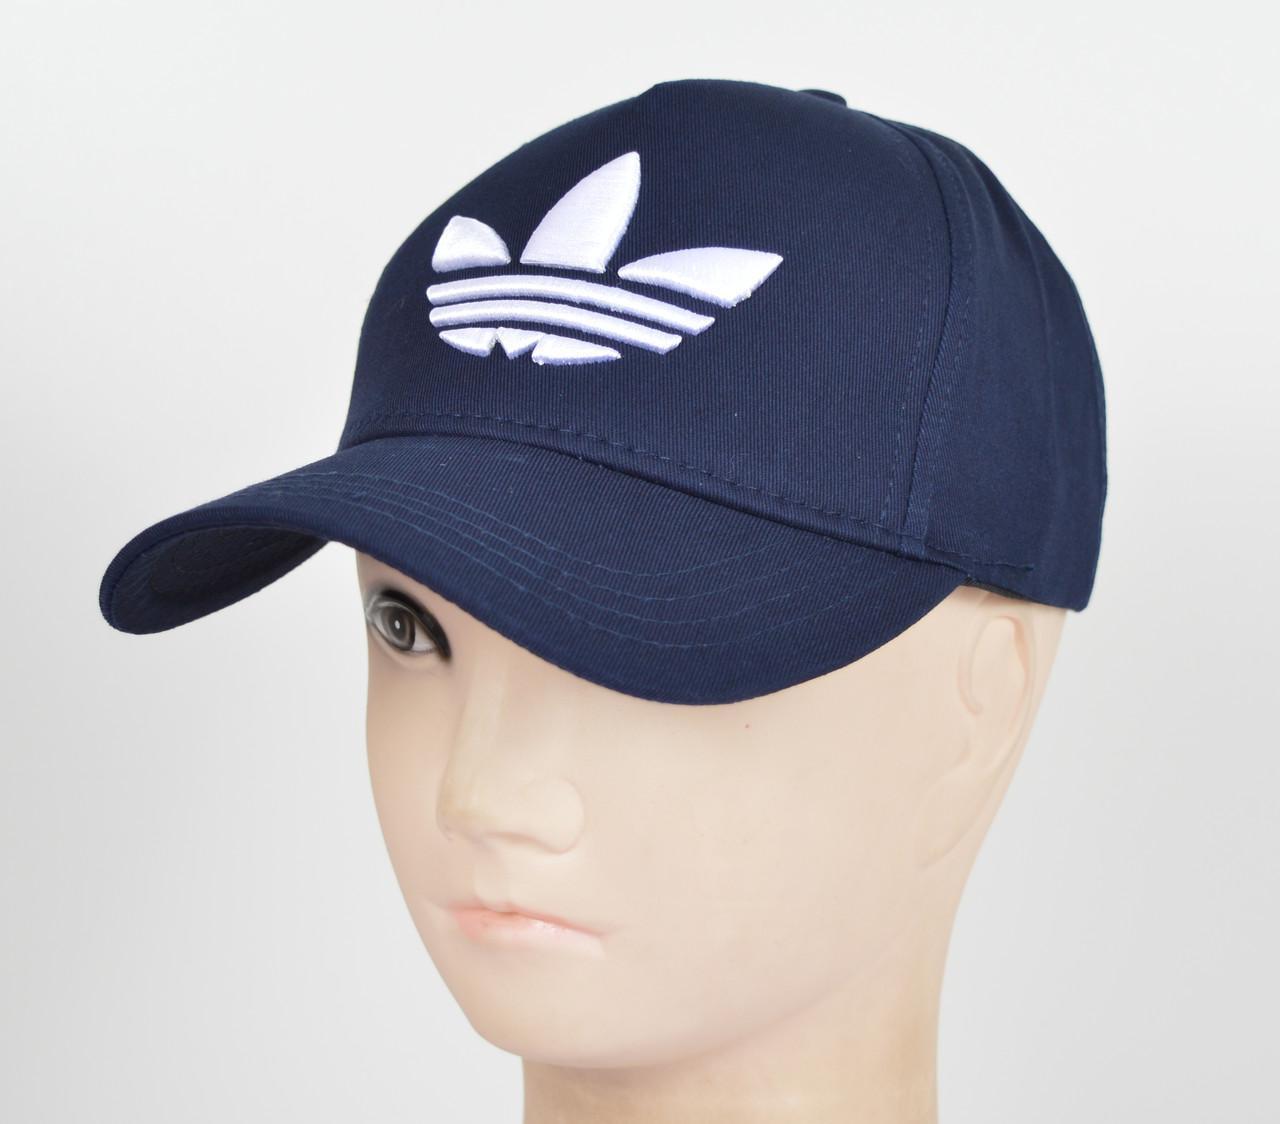 """Бейсболка """"Котон 5кл"""" I-01 Adidas синий"""